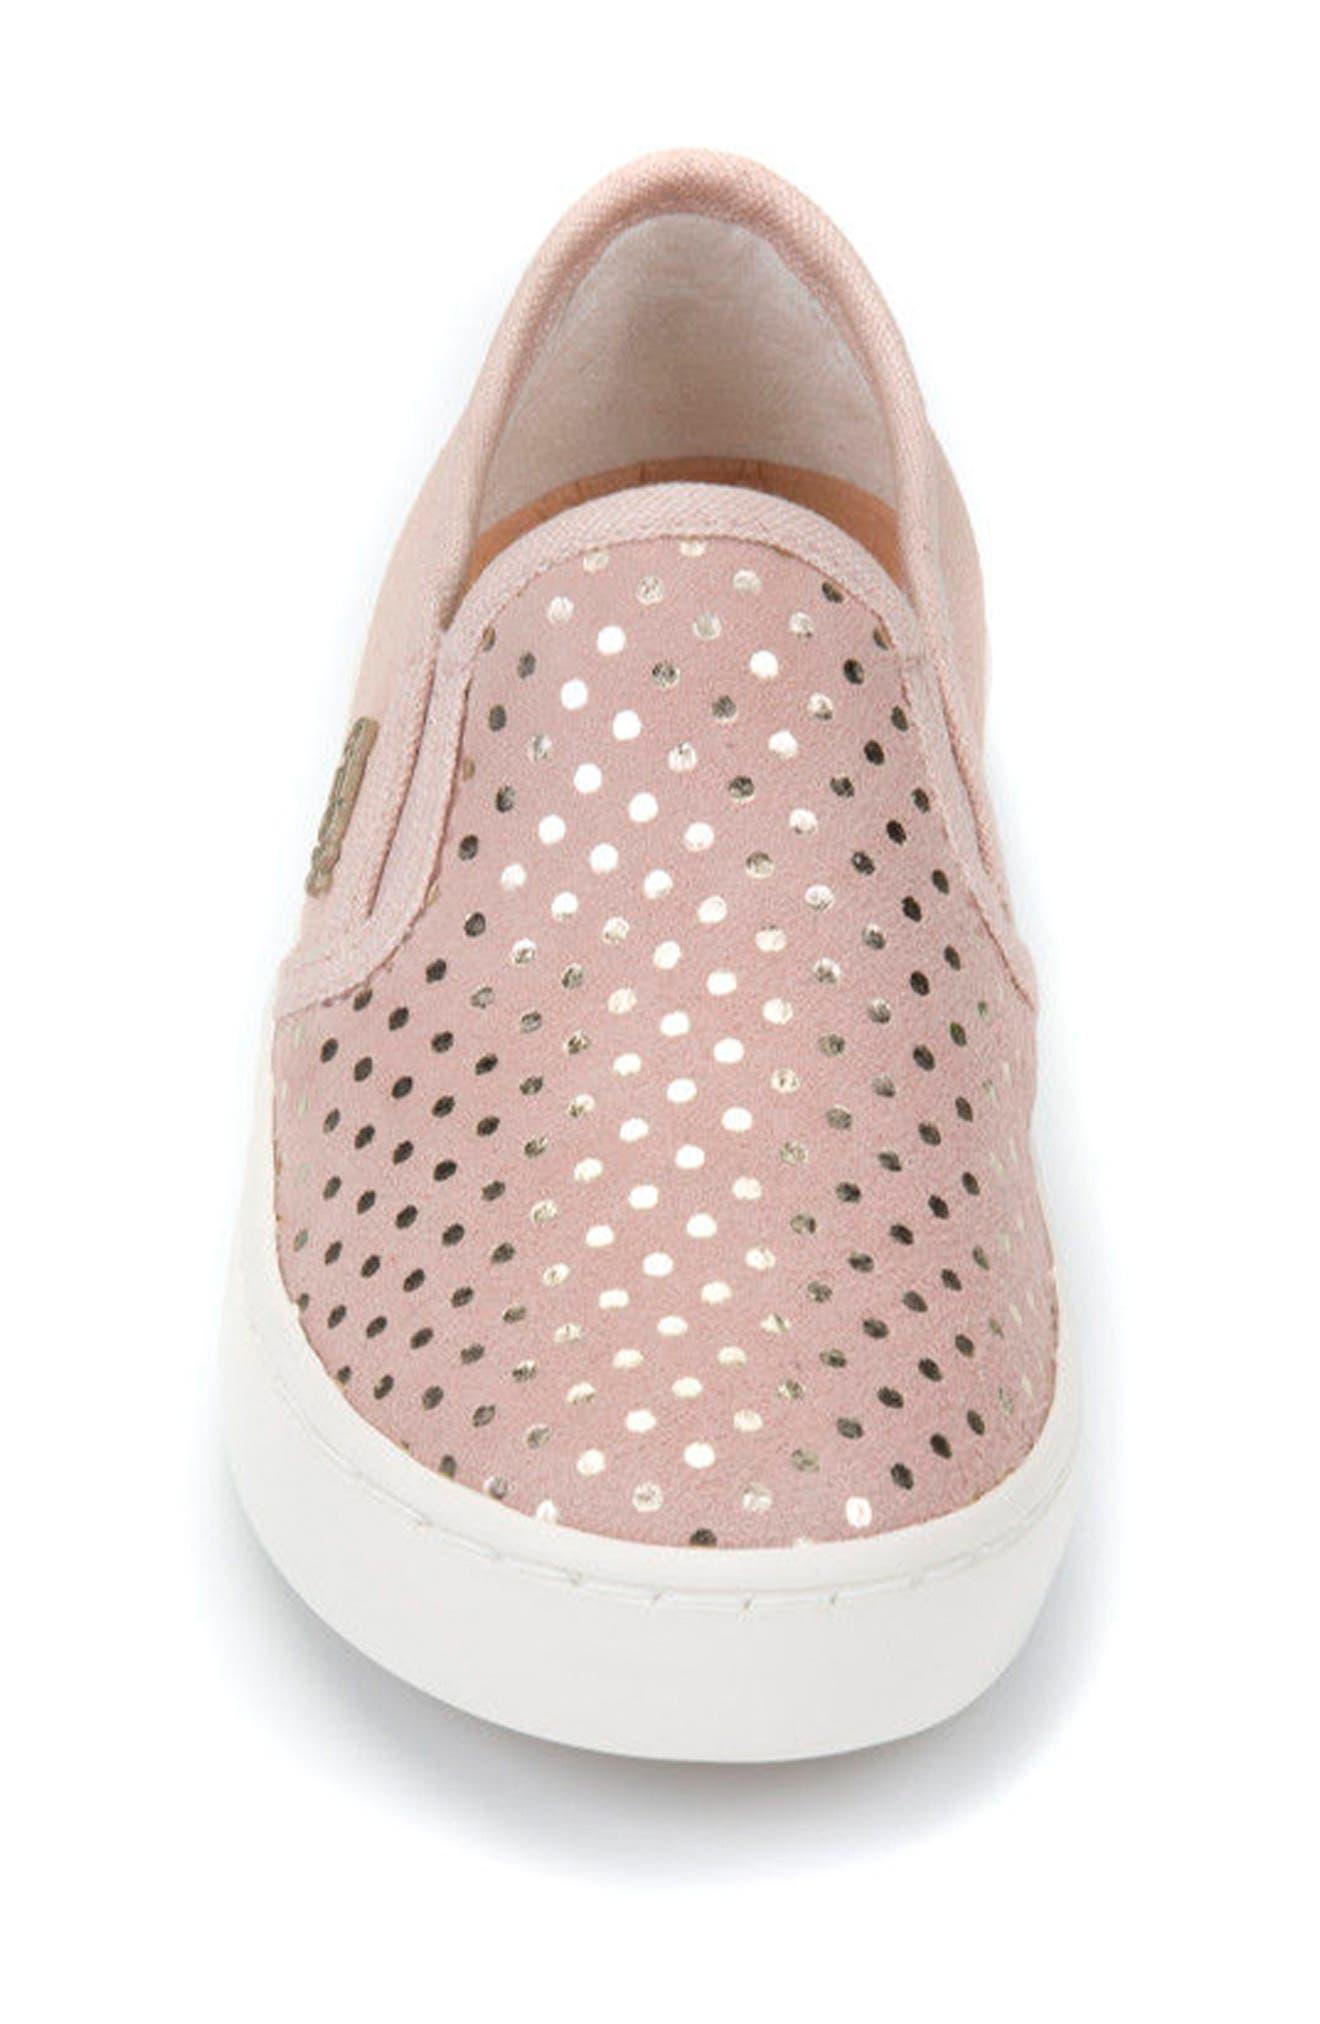 Kilwi Slip-On Sneaker,                             Alternate thumbnail 4, color,                             Skin